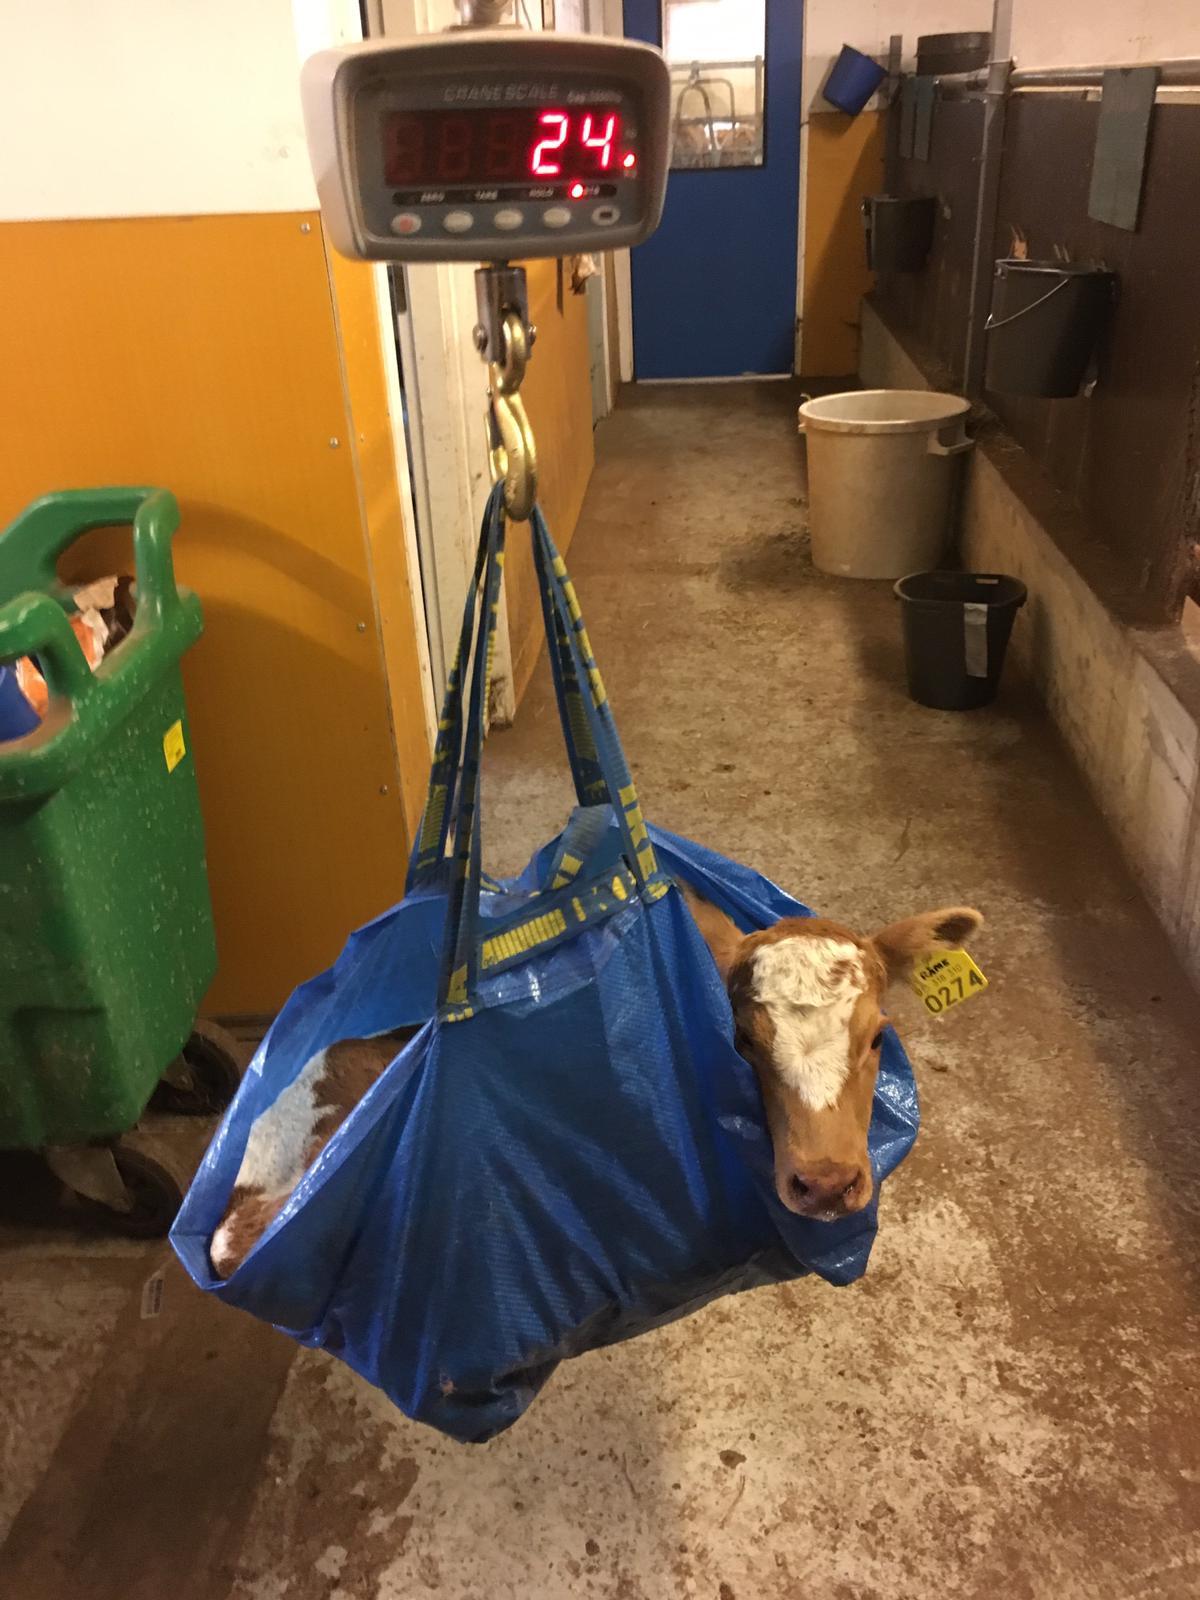 Suomenkarjan vasikka punnituksessa sinisessä Ikea-kassissa